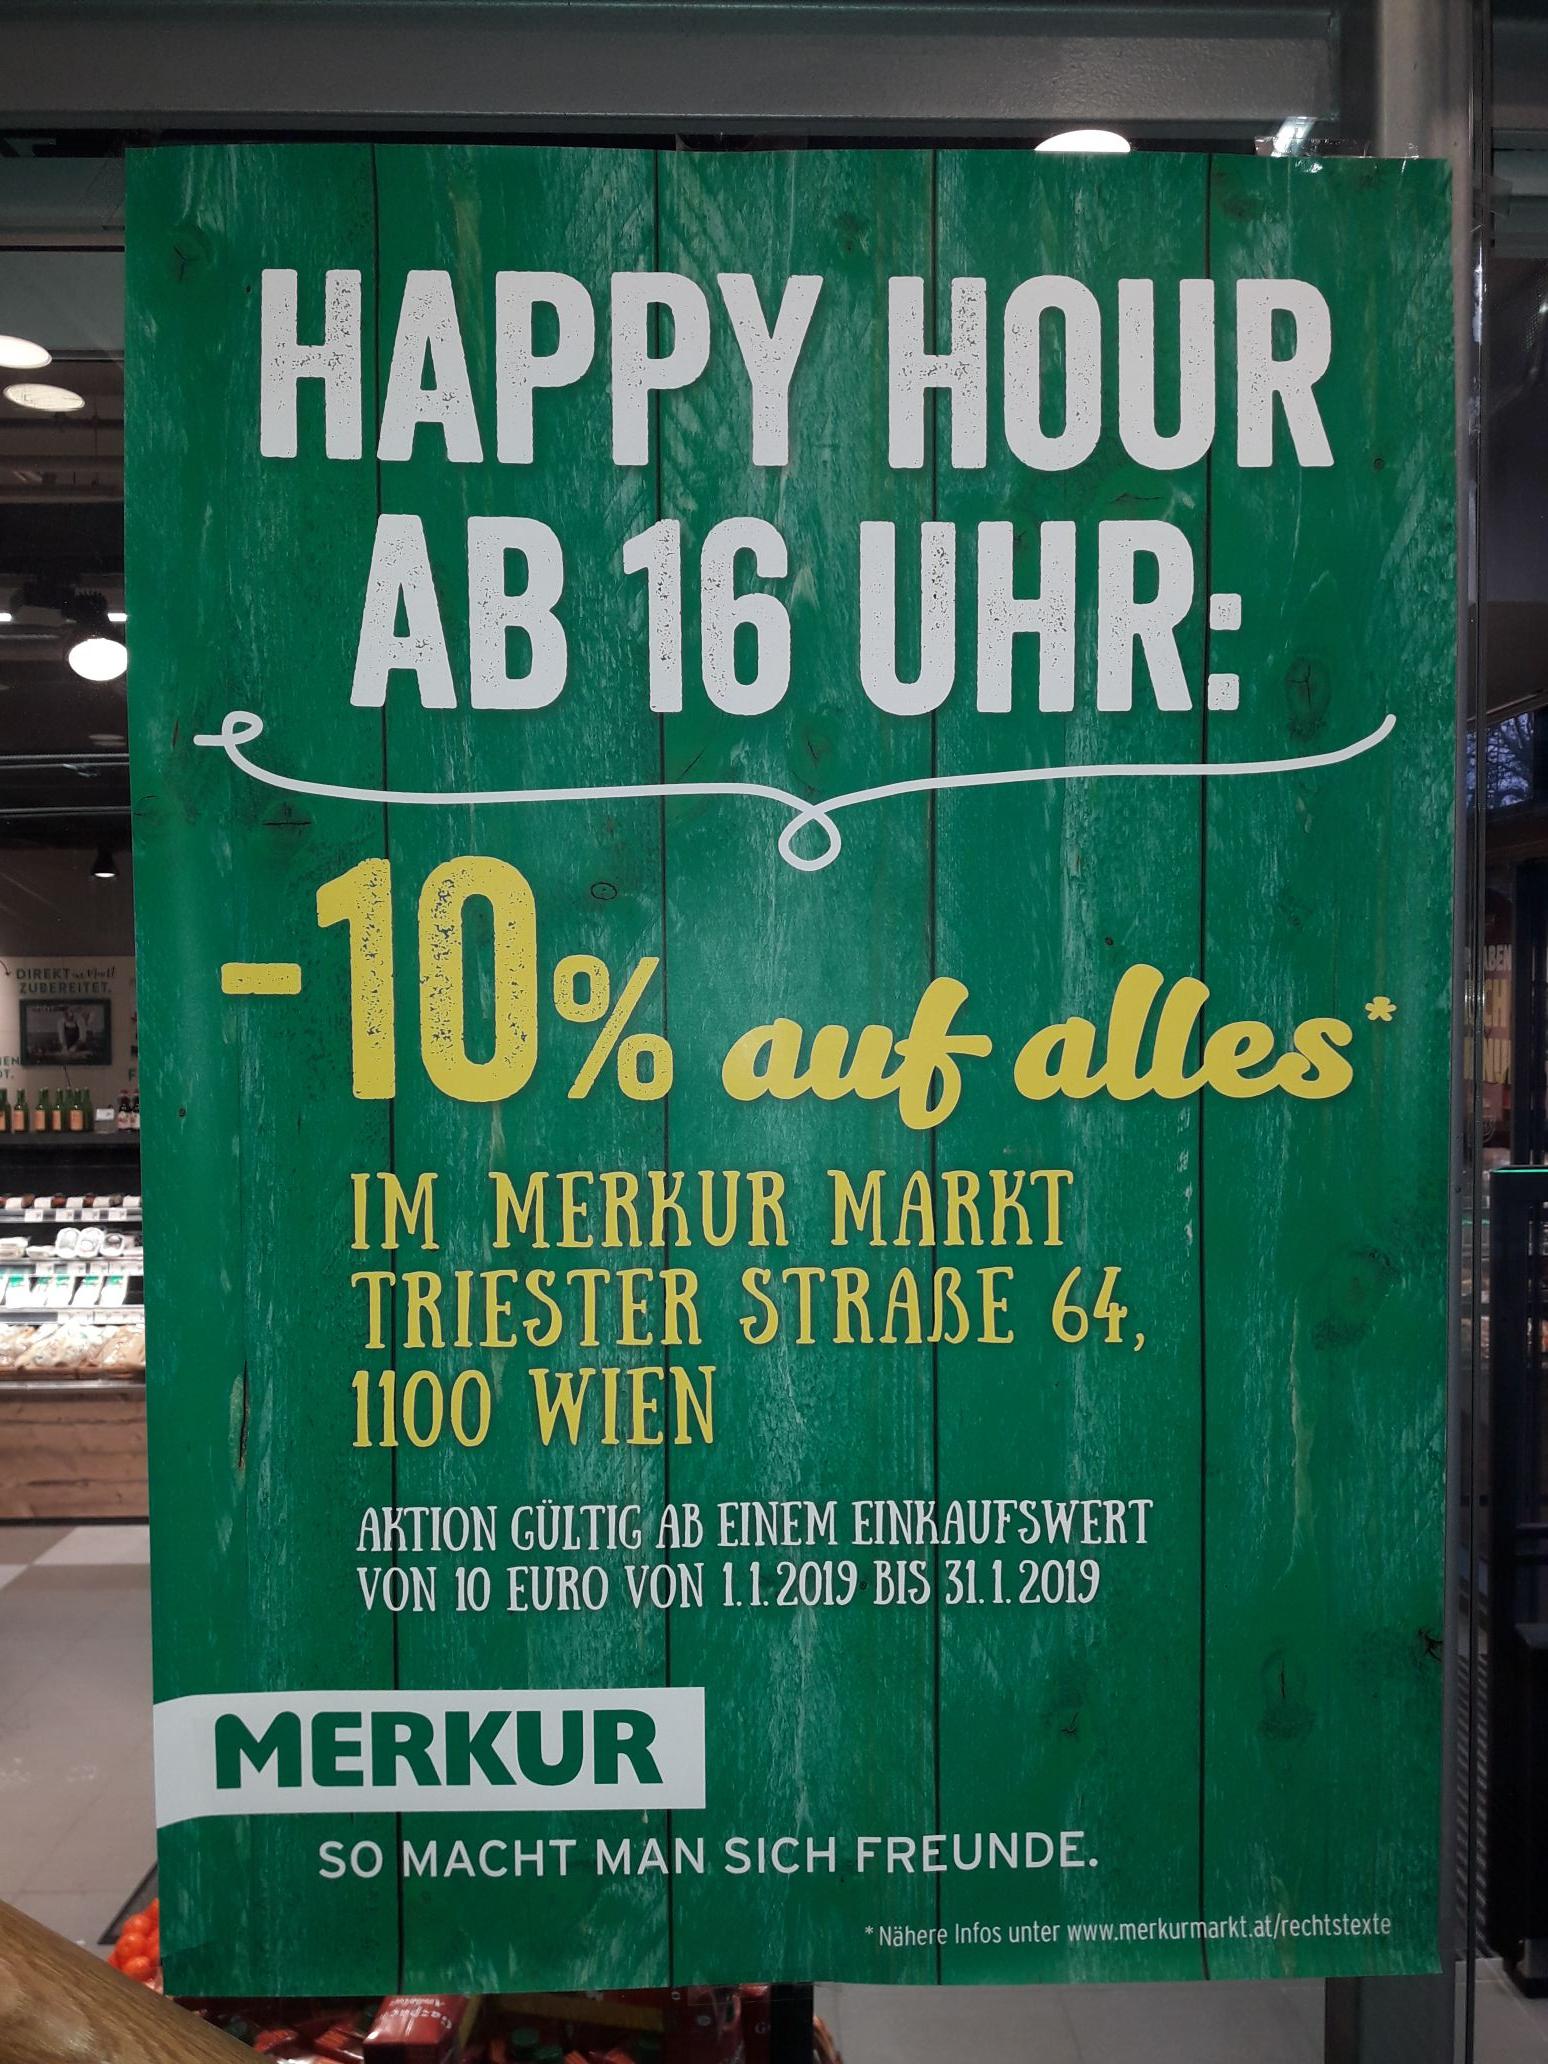 [Merkur Vienna Twin Tower] täglich ab 16:00 -10% auf alles ab 10€